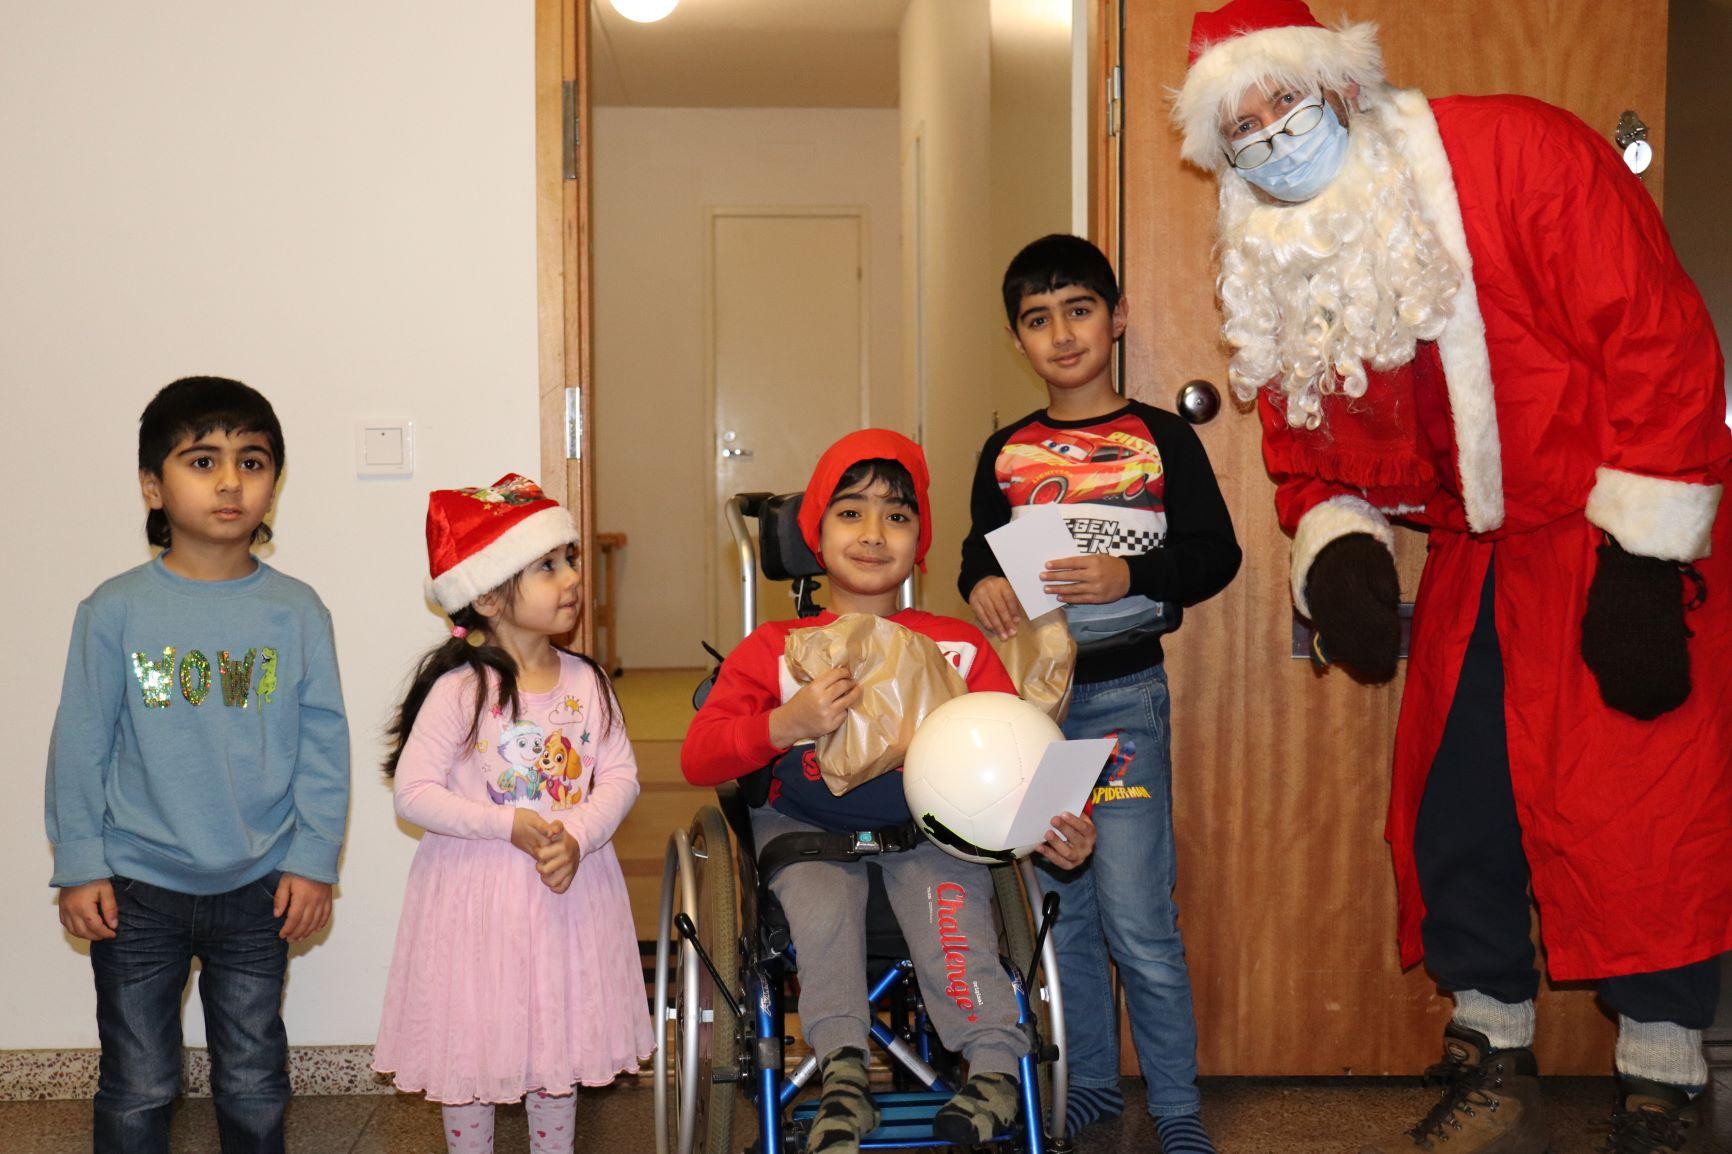 Moshtagh Yaghoubi ja HIFK mukana hyväntekeväisyysprojektissa